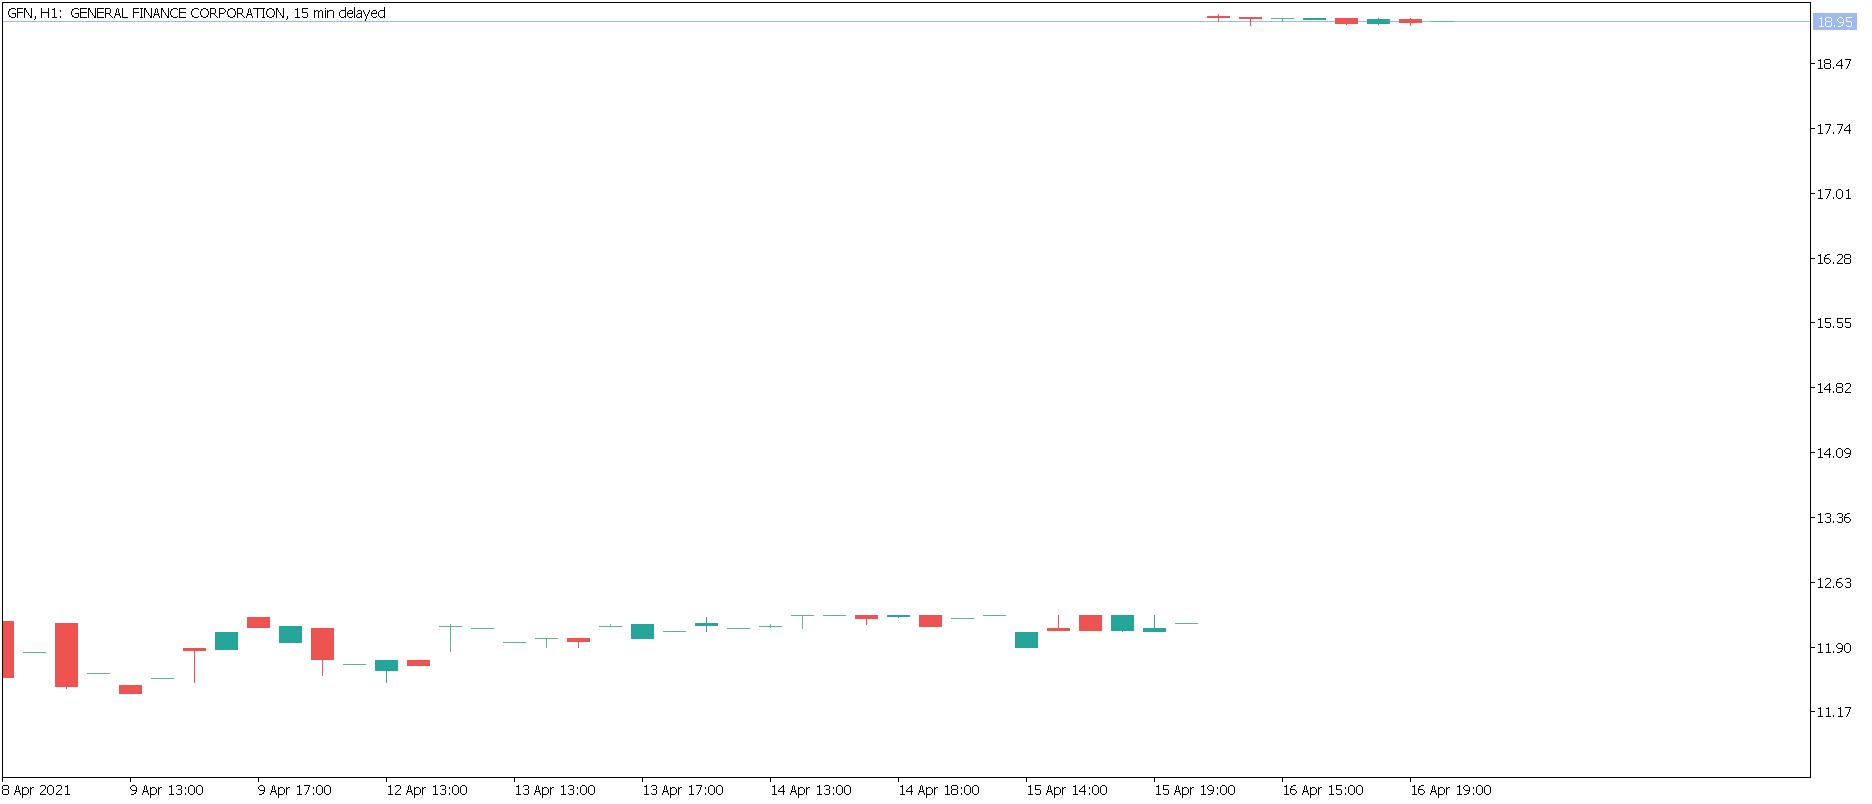 Wykres General Finance